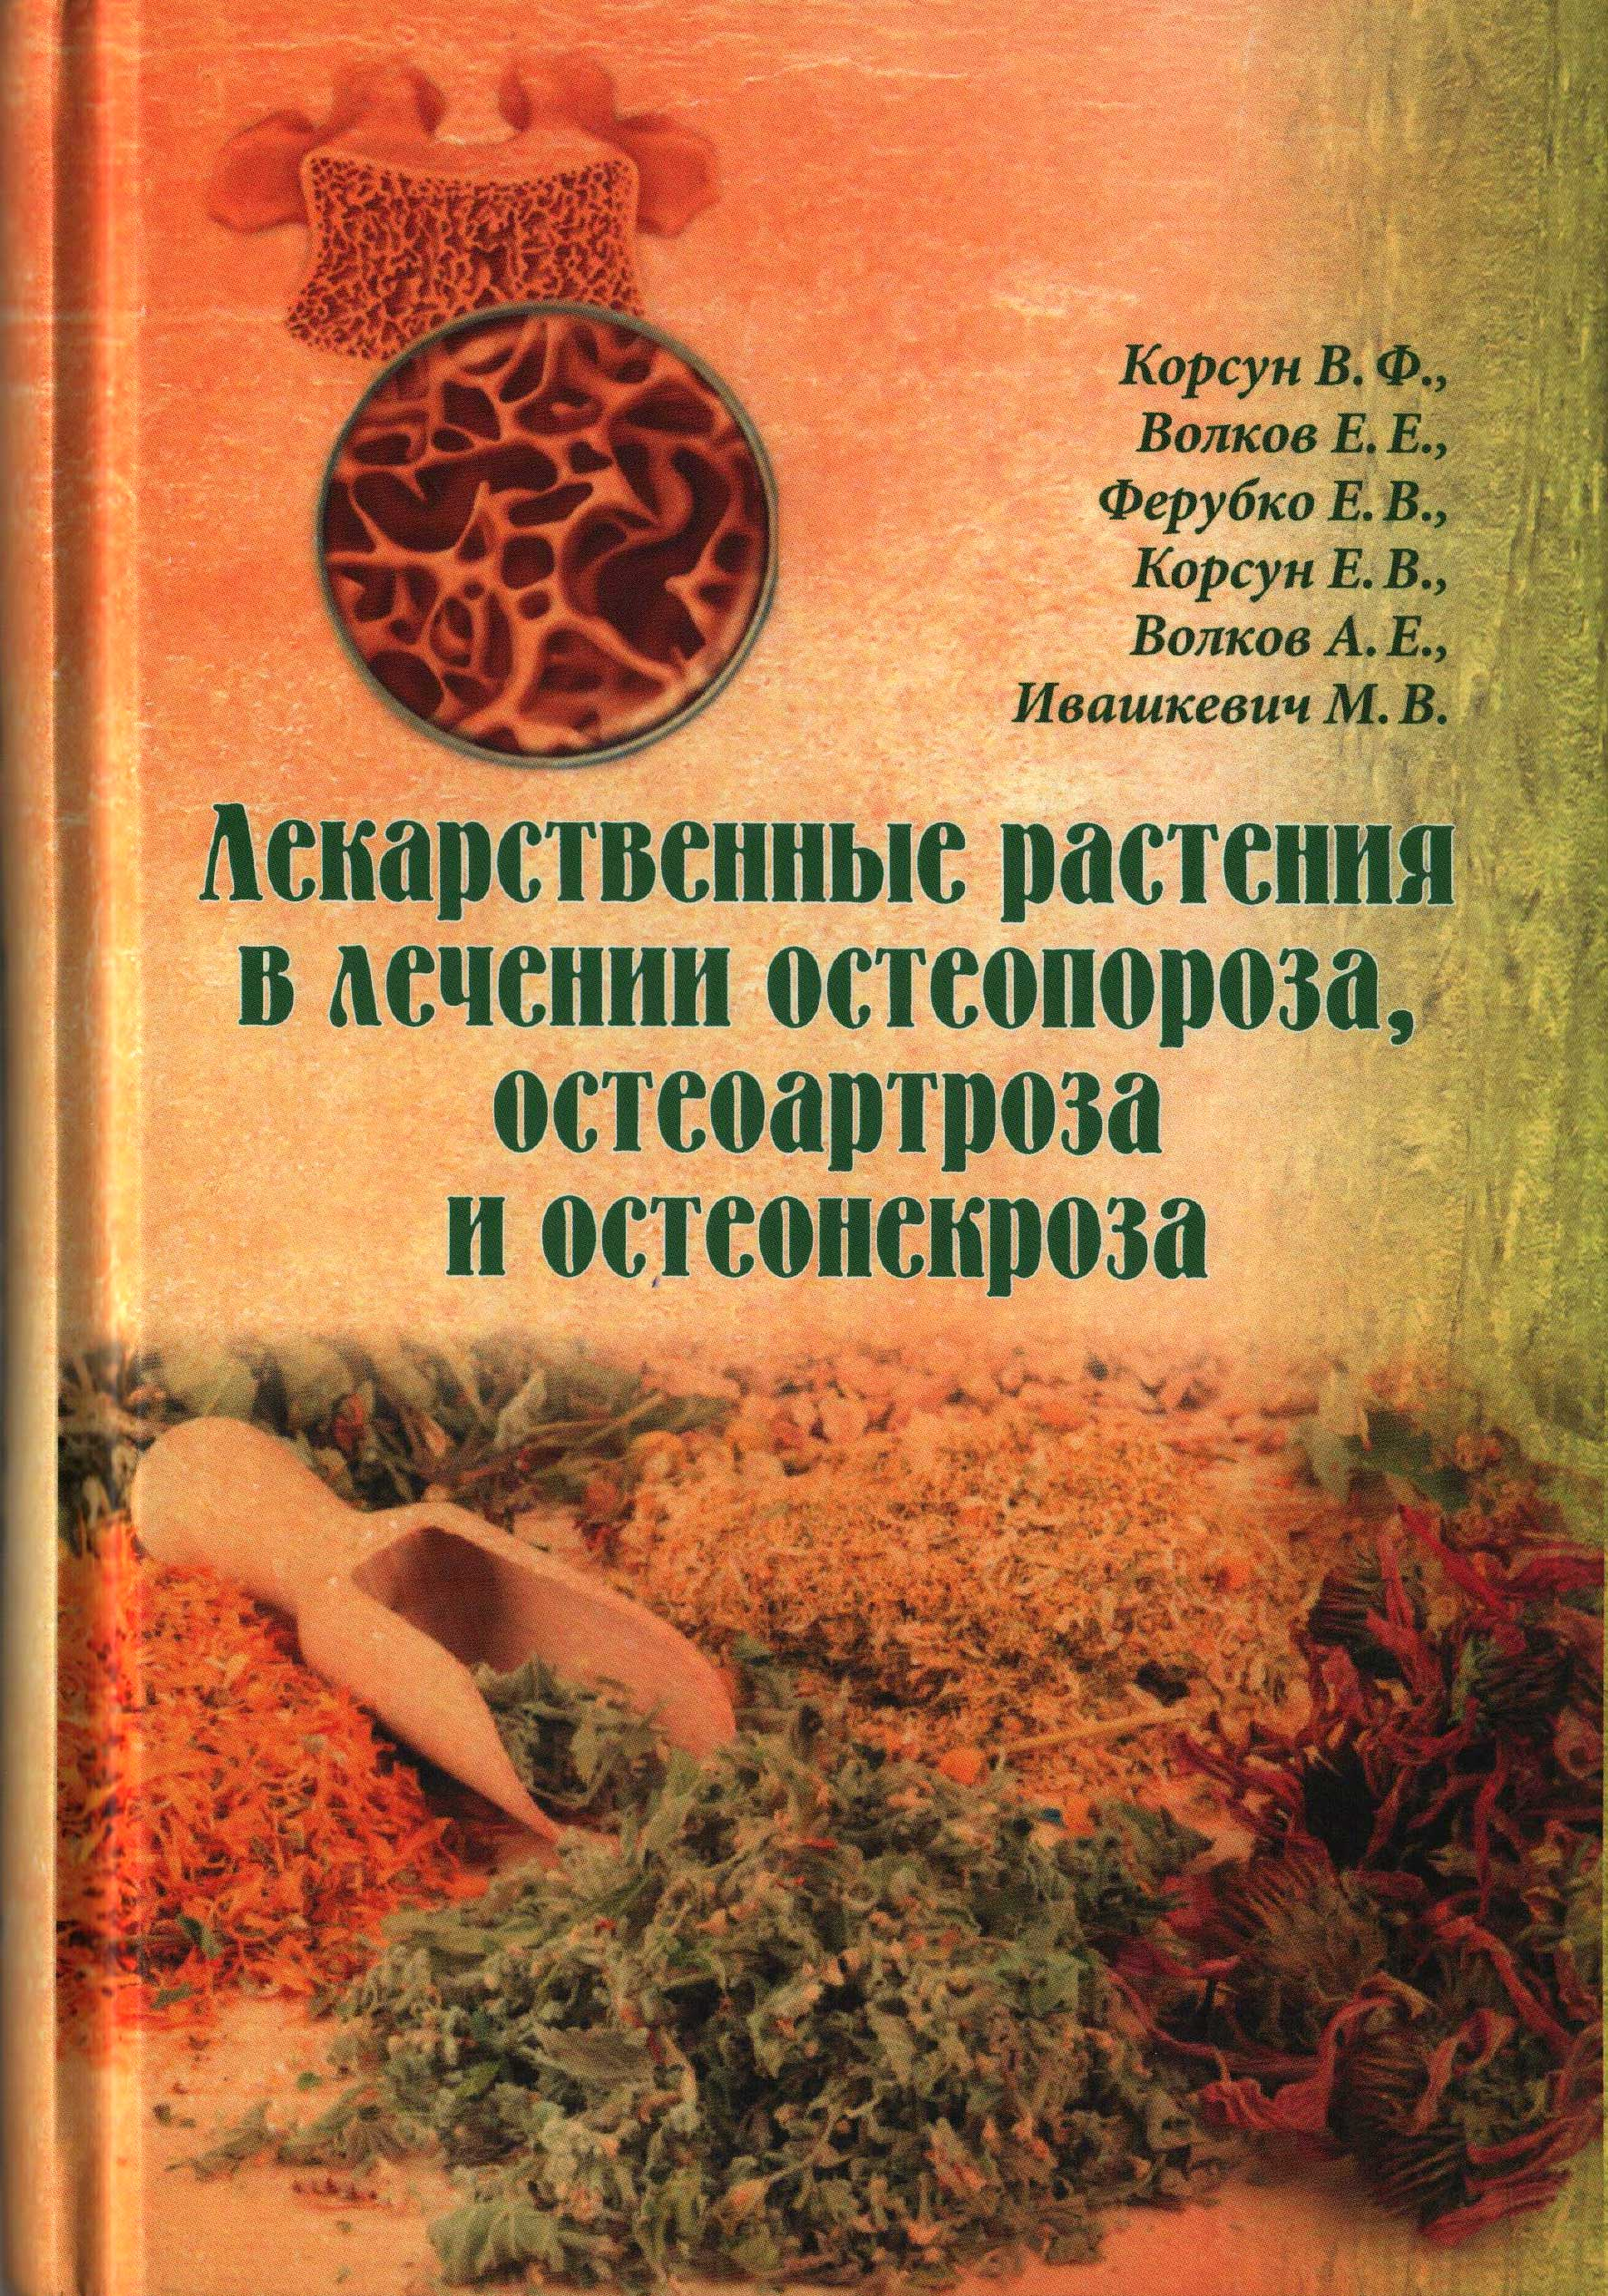 Лекарственные-растения-в-лечении-остеопороза,-остеоартроза-и-остеонекроза-Корсун-веб